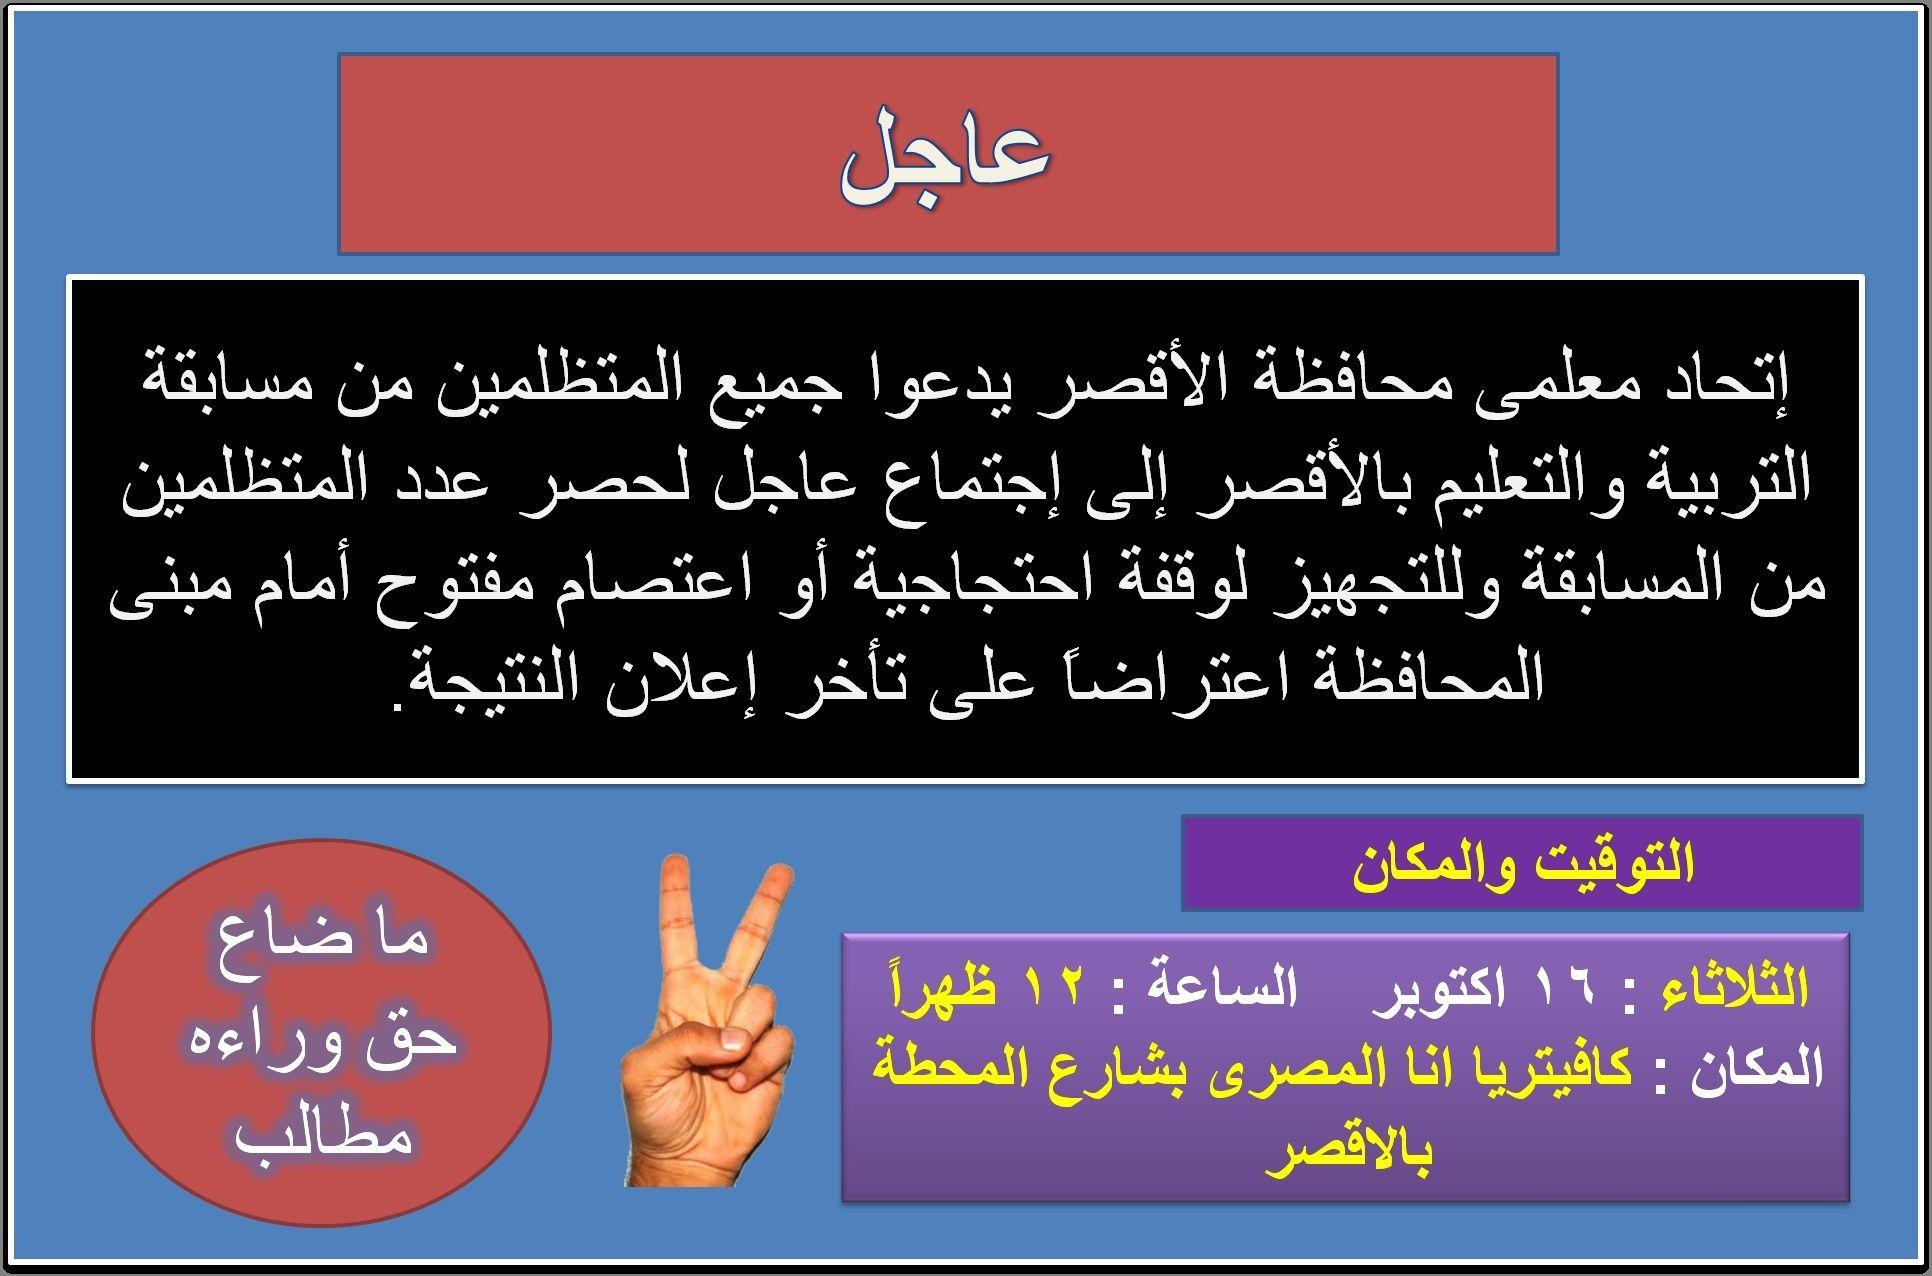 اتحاد معلمى محافظة الأقصر يدعوا لإجتماع طارىء بمتظلمى مسابقة التربية والتعليم بالأقصر Ouuoo213